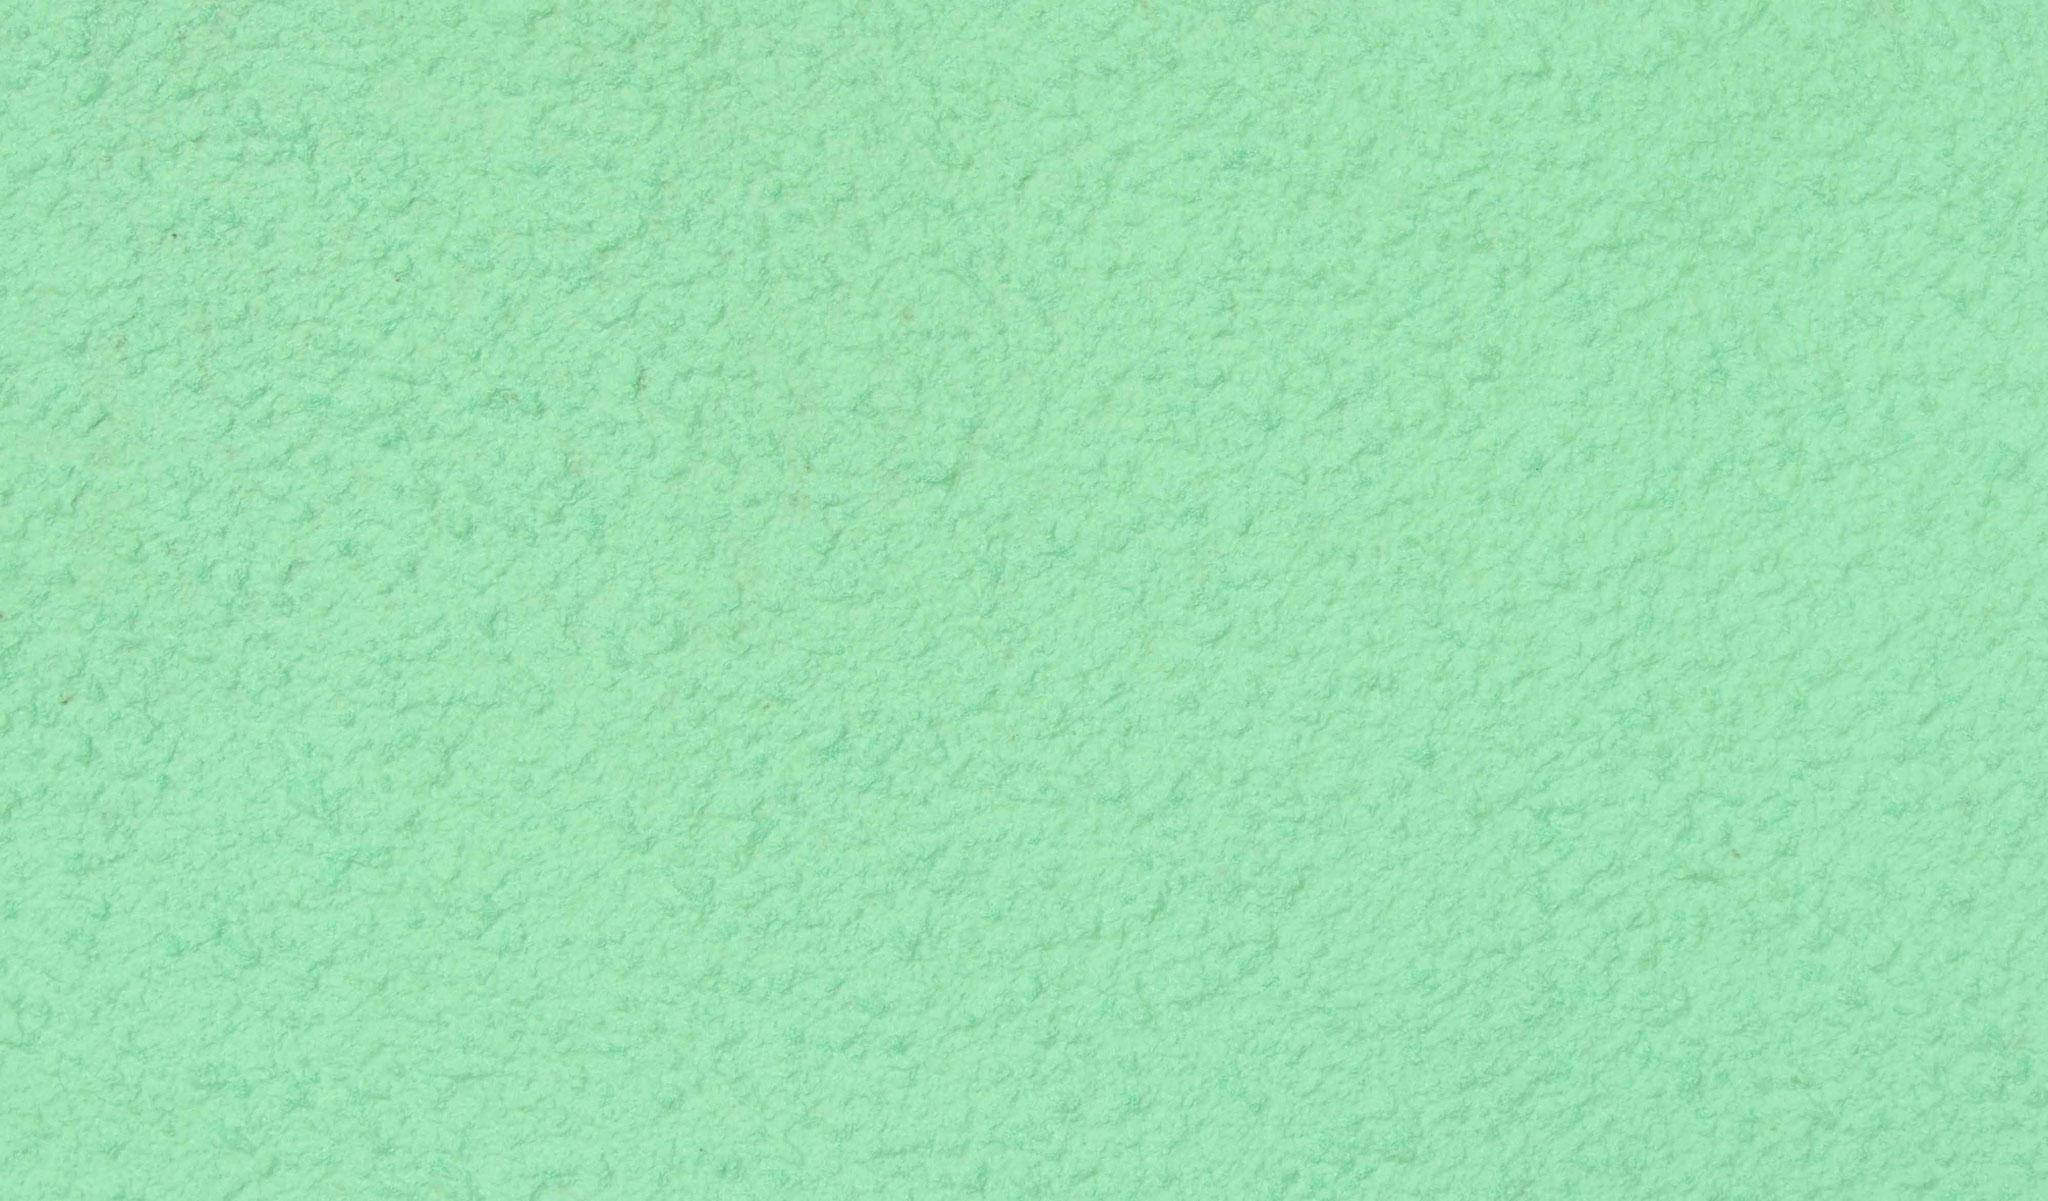 Colorado Pastell Türkis